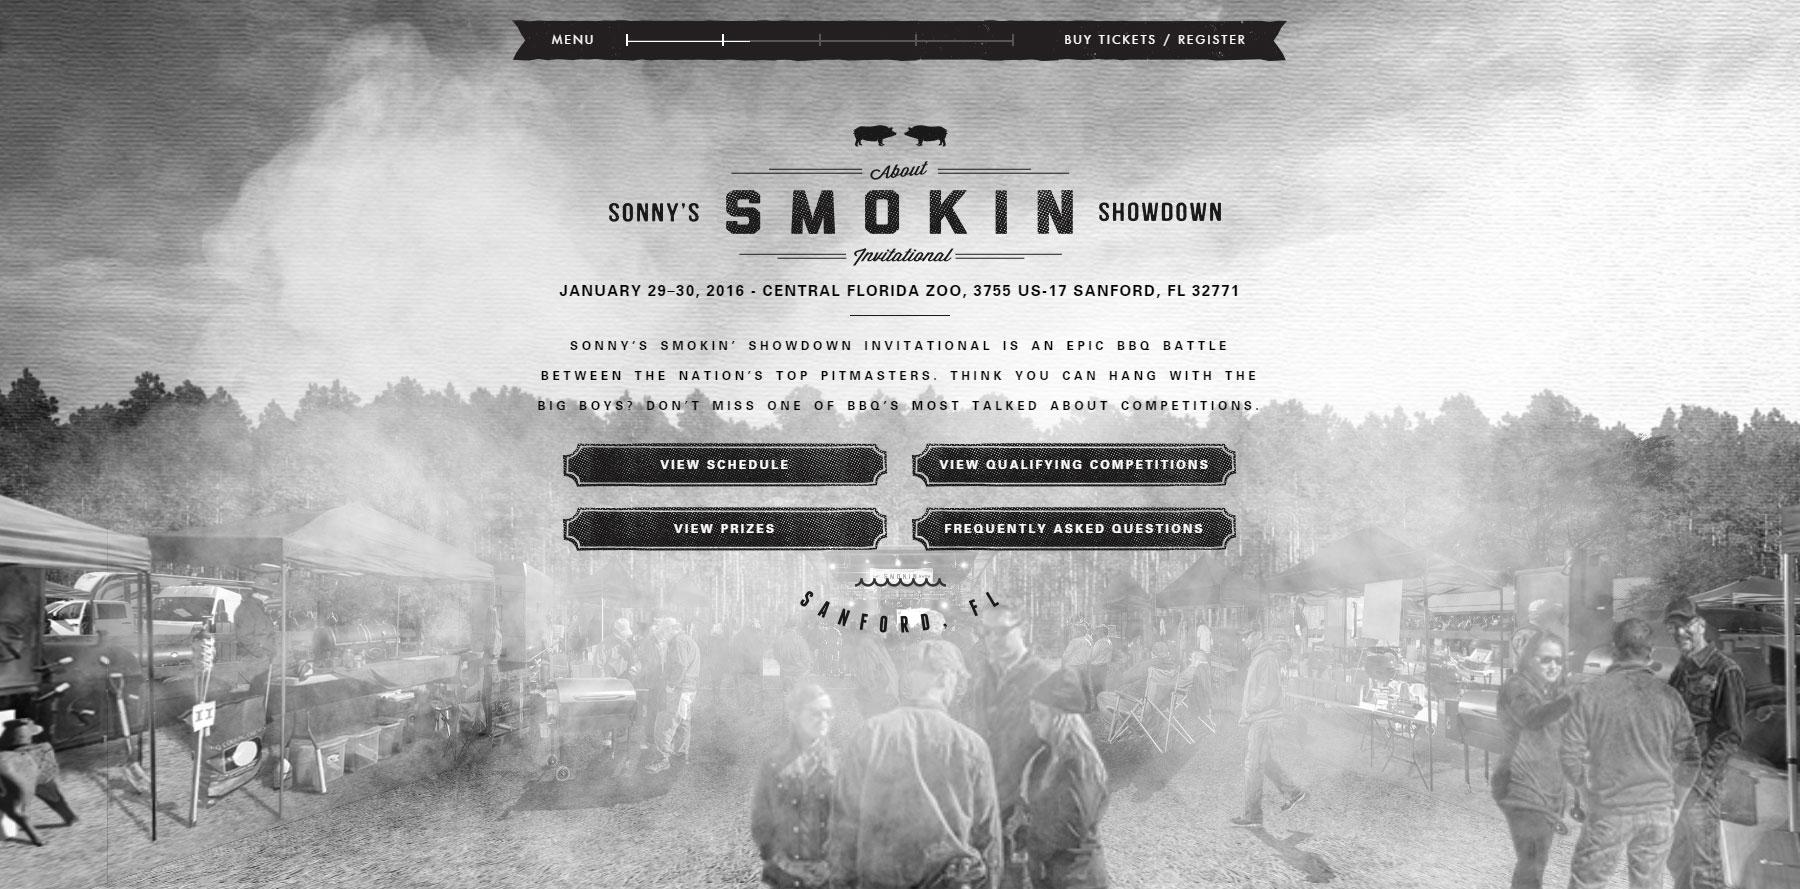 Sonny's Smokin' Showdown - Website of the Day